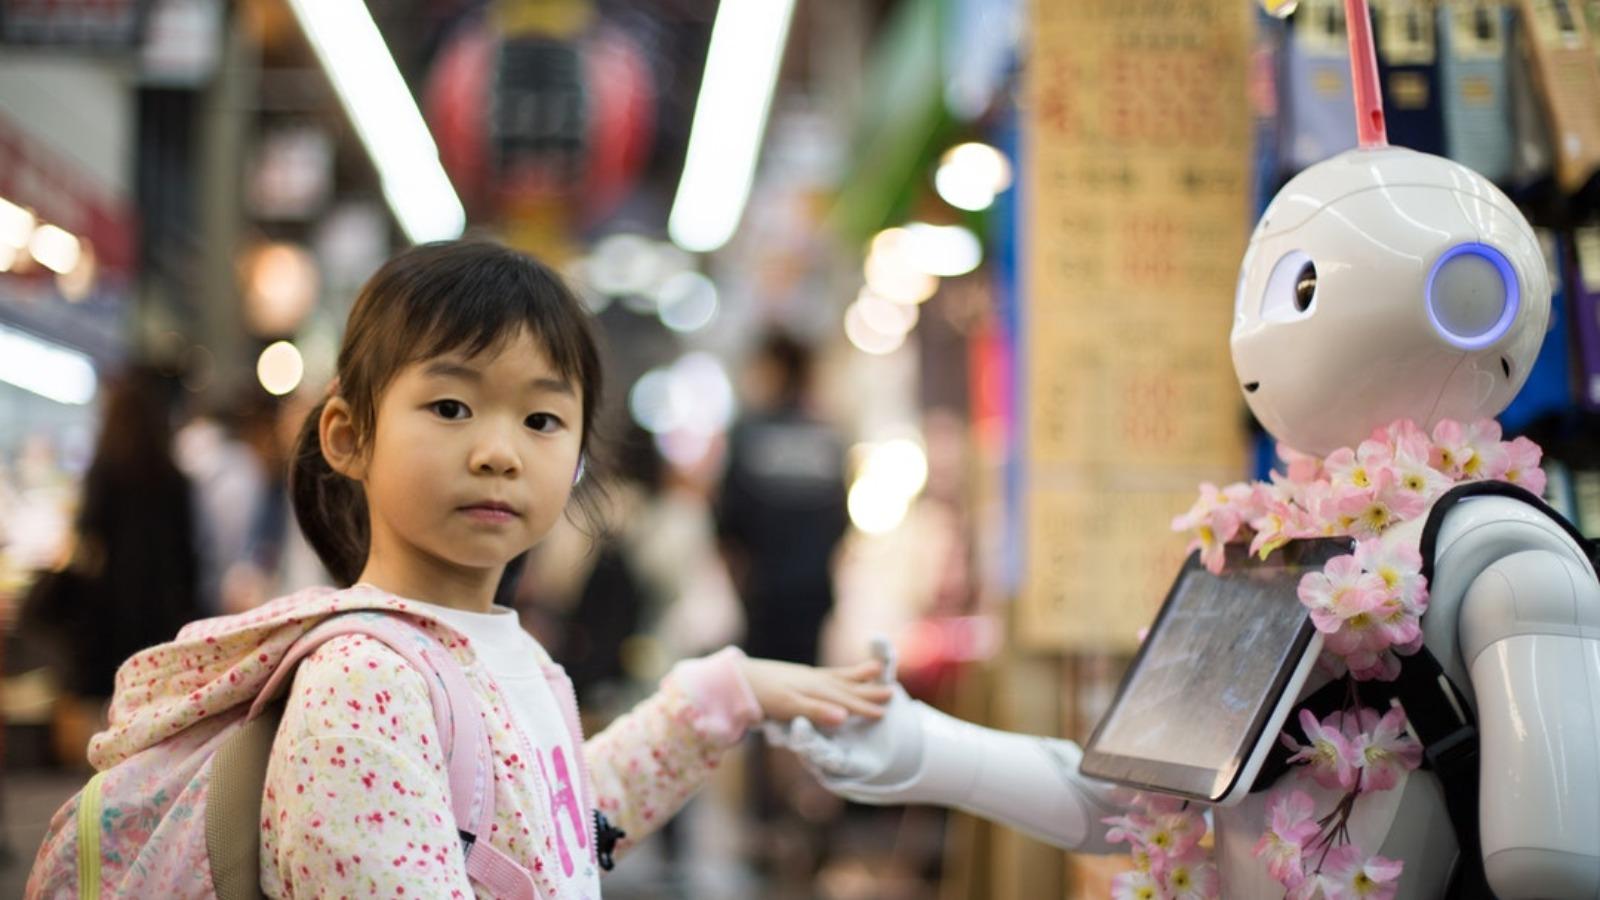 The Robot Economy